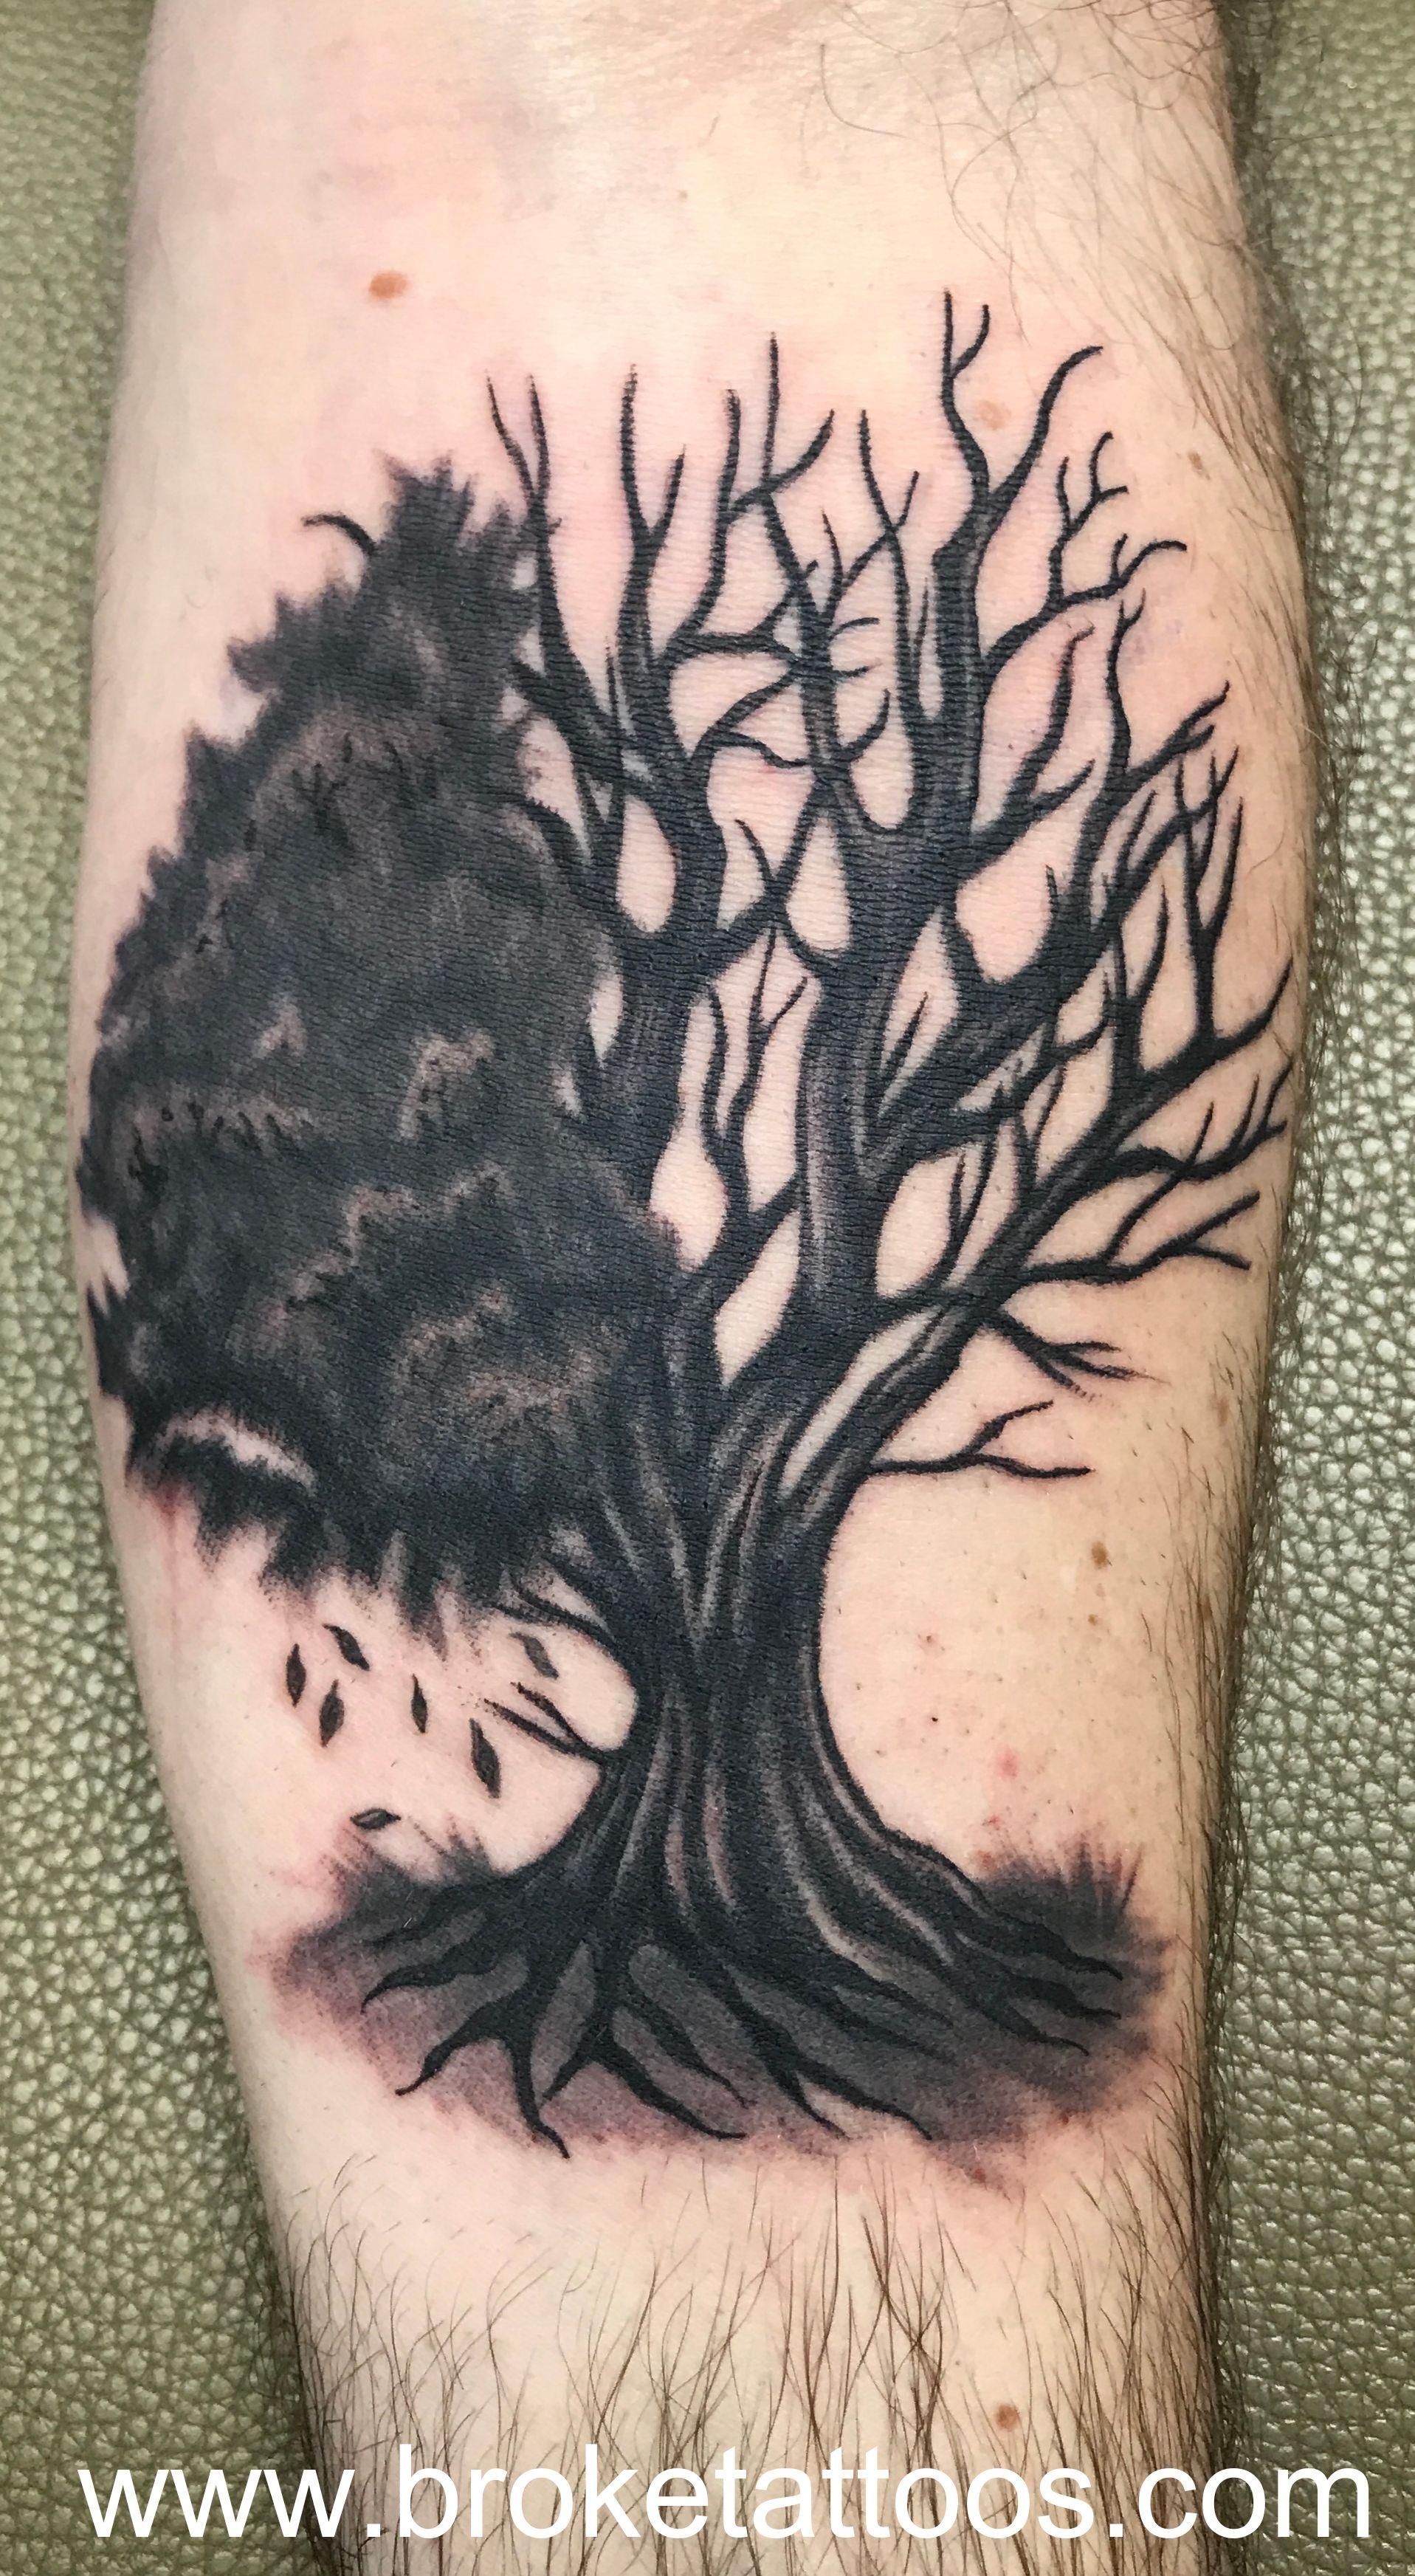 broketattoos ink viciousinksh tattoo michigantattooer tattoos inked treetattoo blackandgray